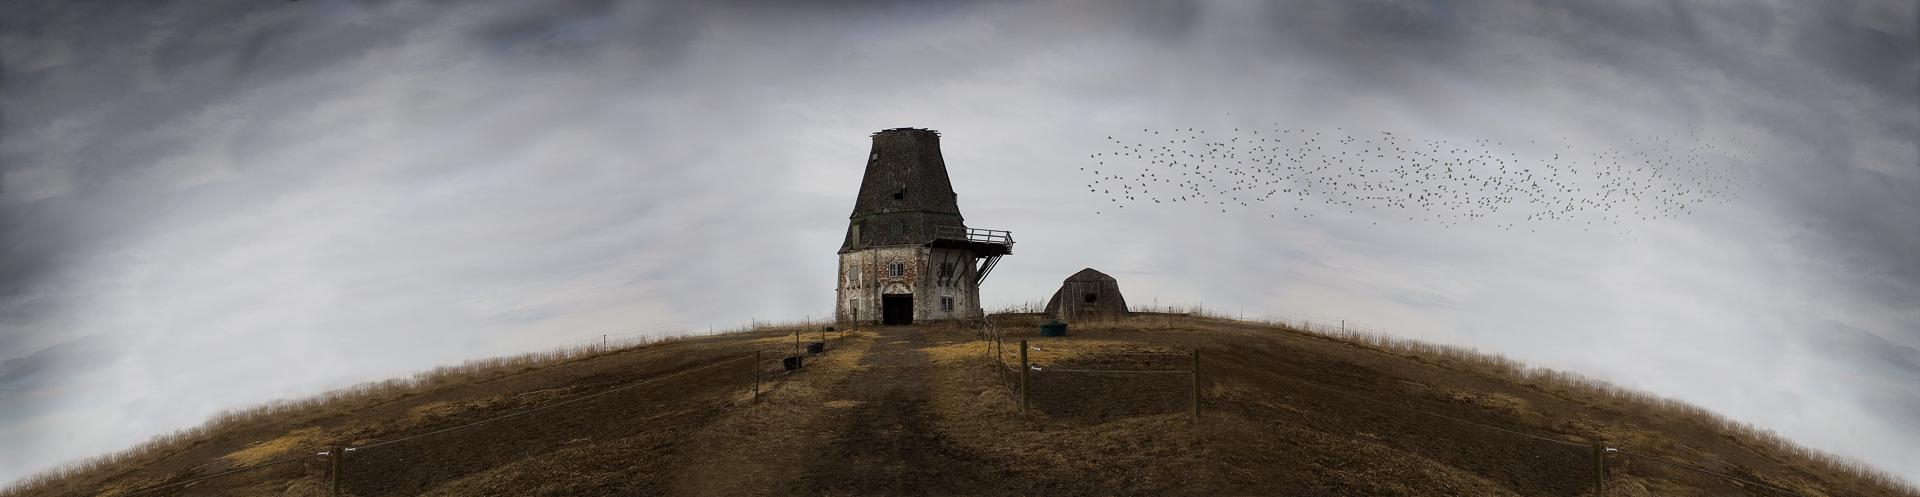 The Old Mill, Jonas D. Madsen